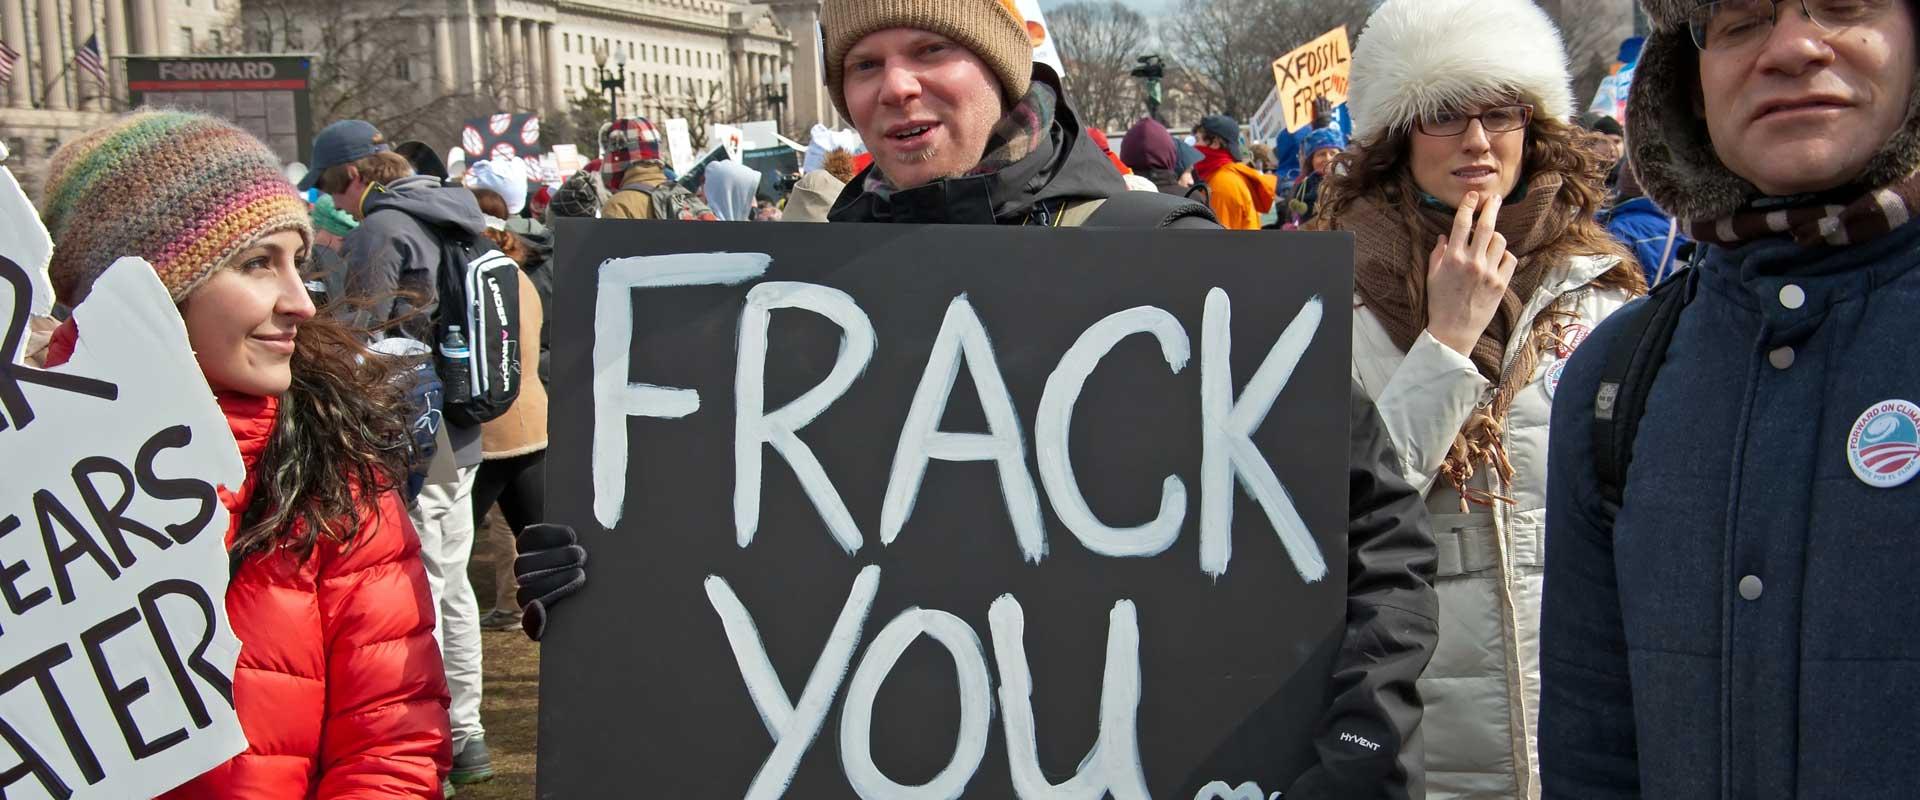 Kommentar: Zählt die Wirtschaft mehr als der Klimaschutz?